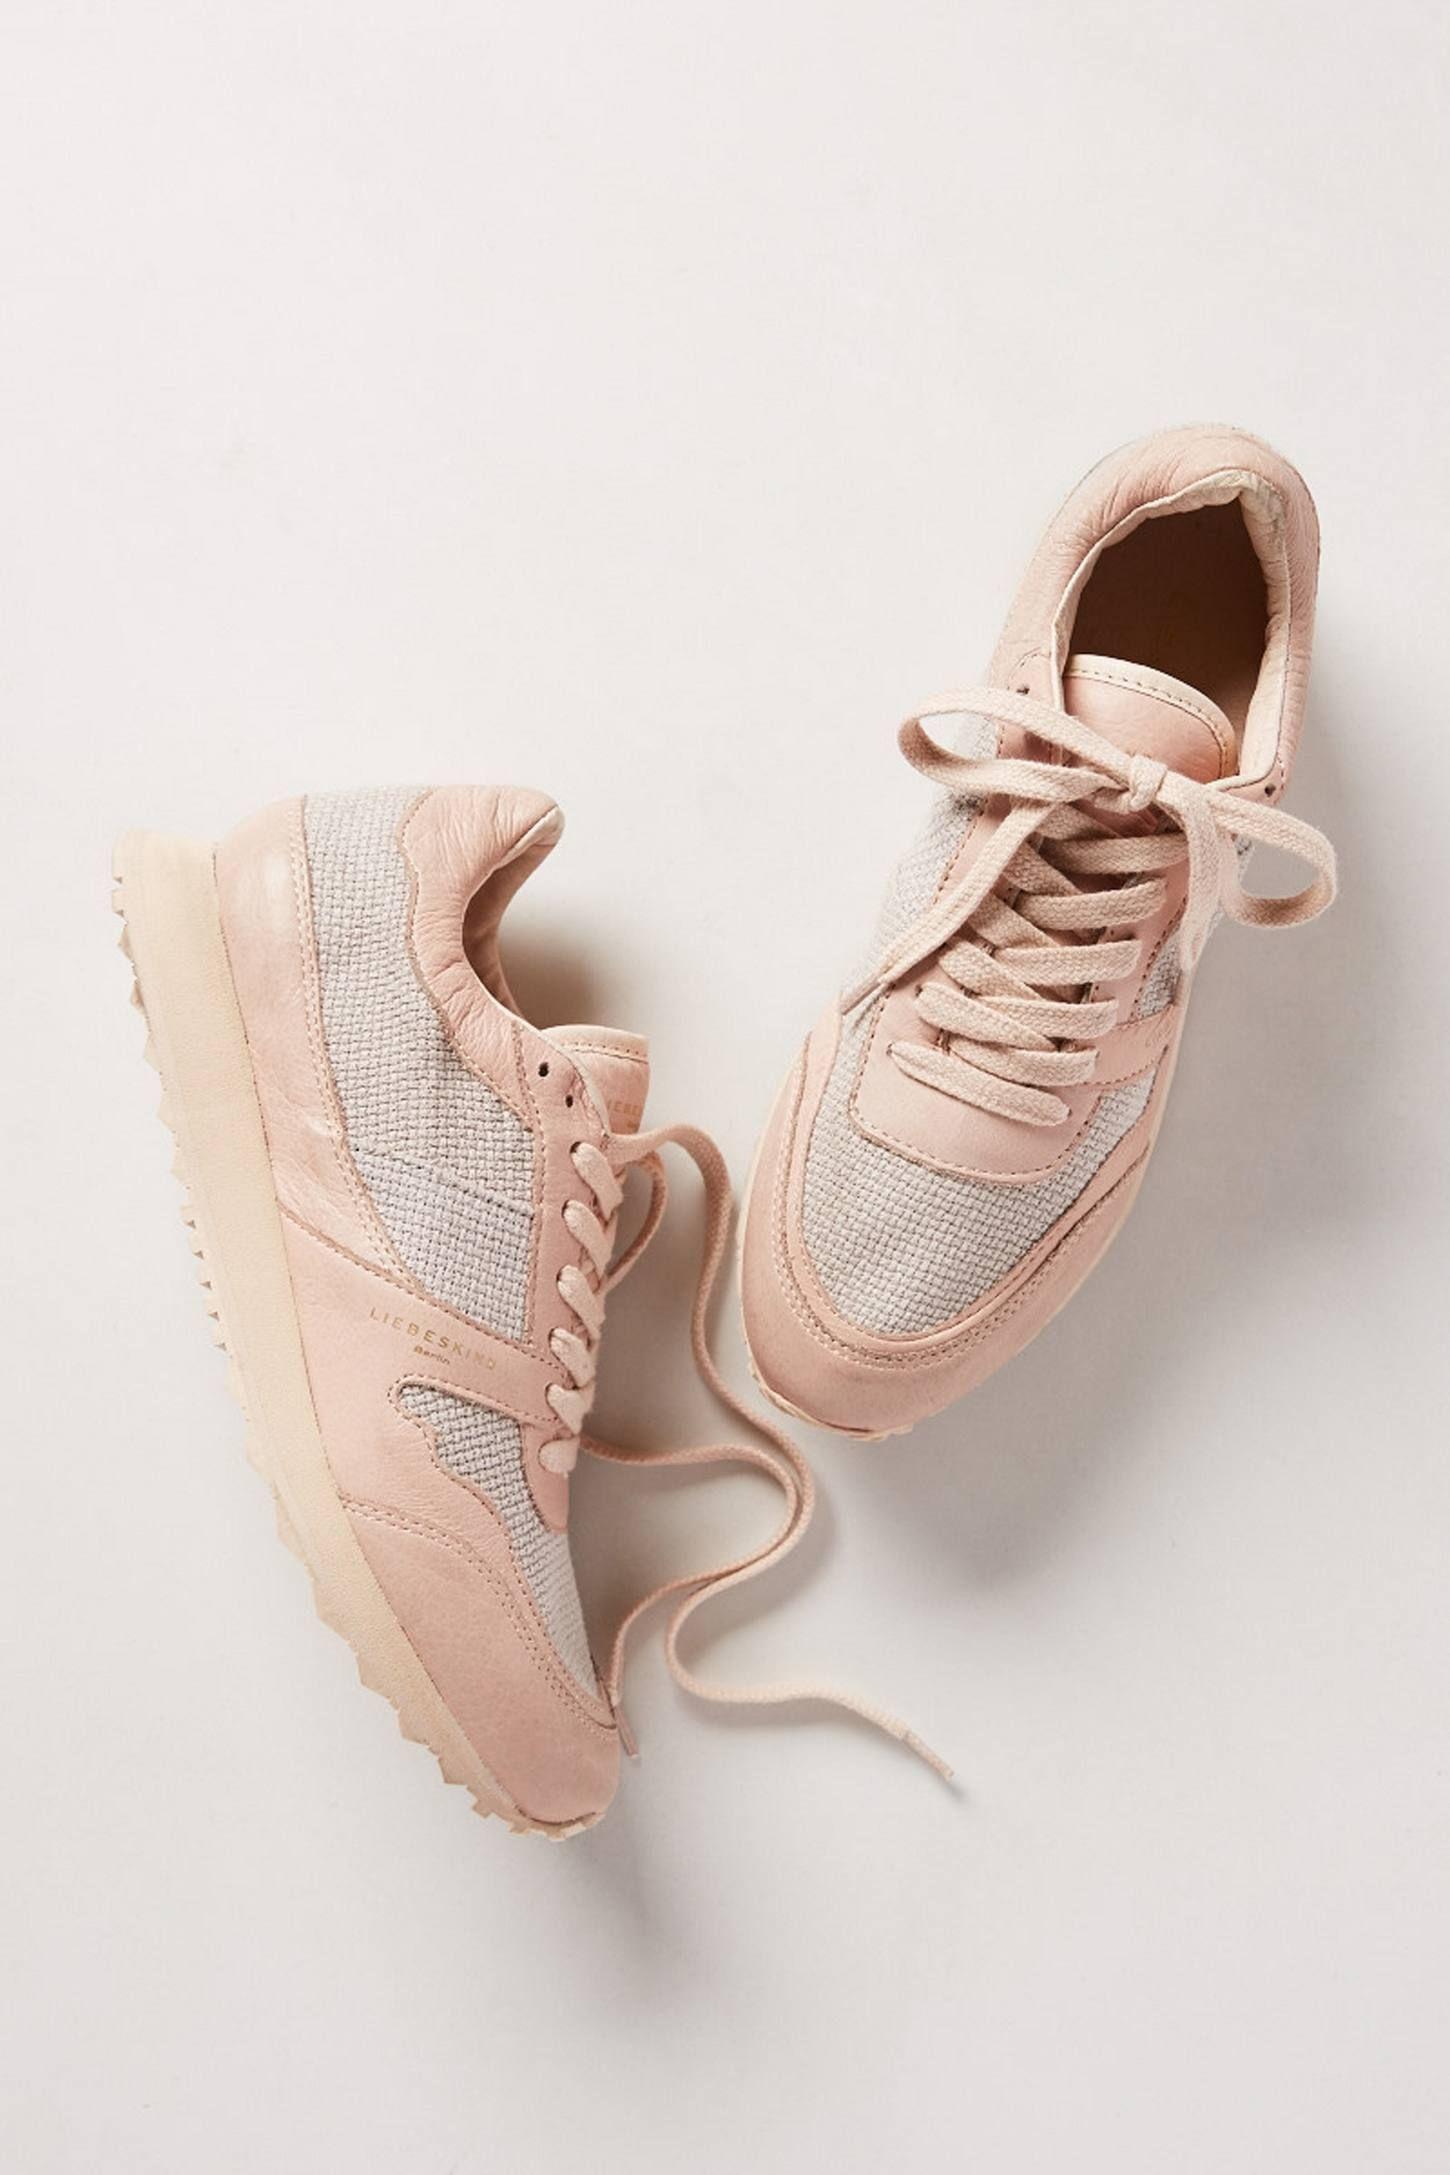 Salamanca Sneakers - anthropologie.com